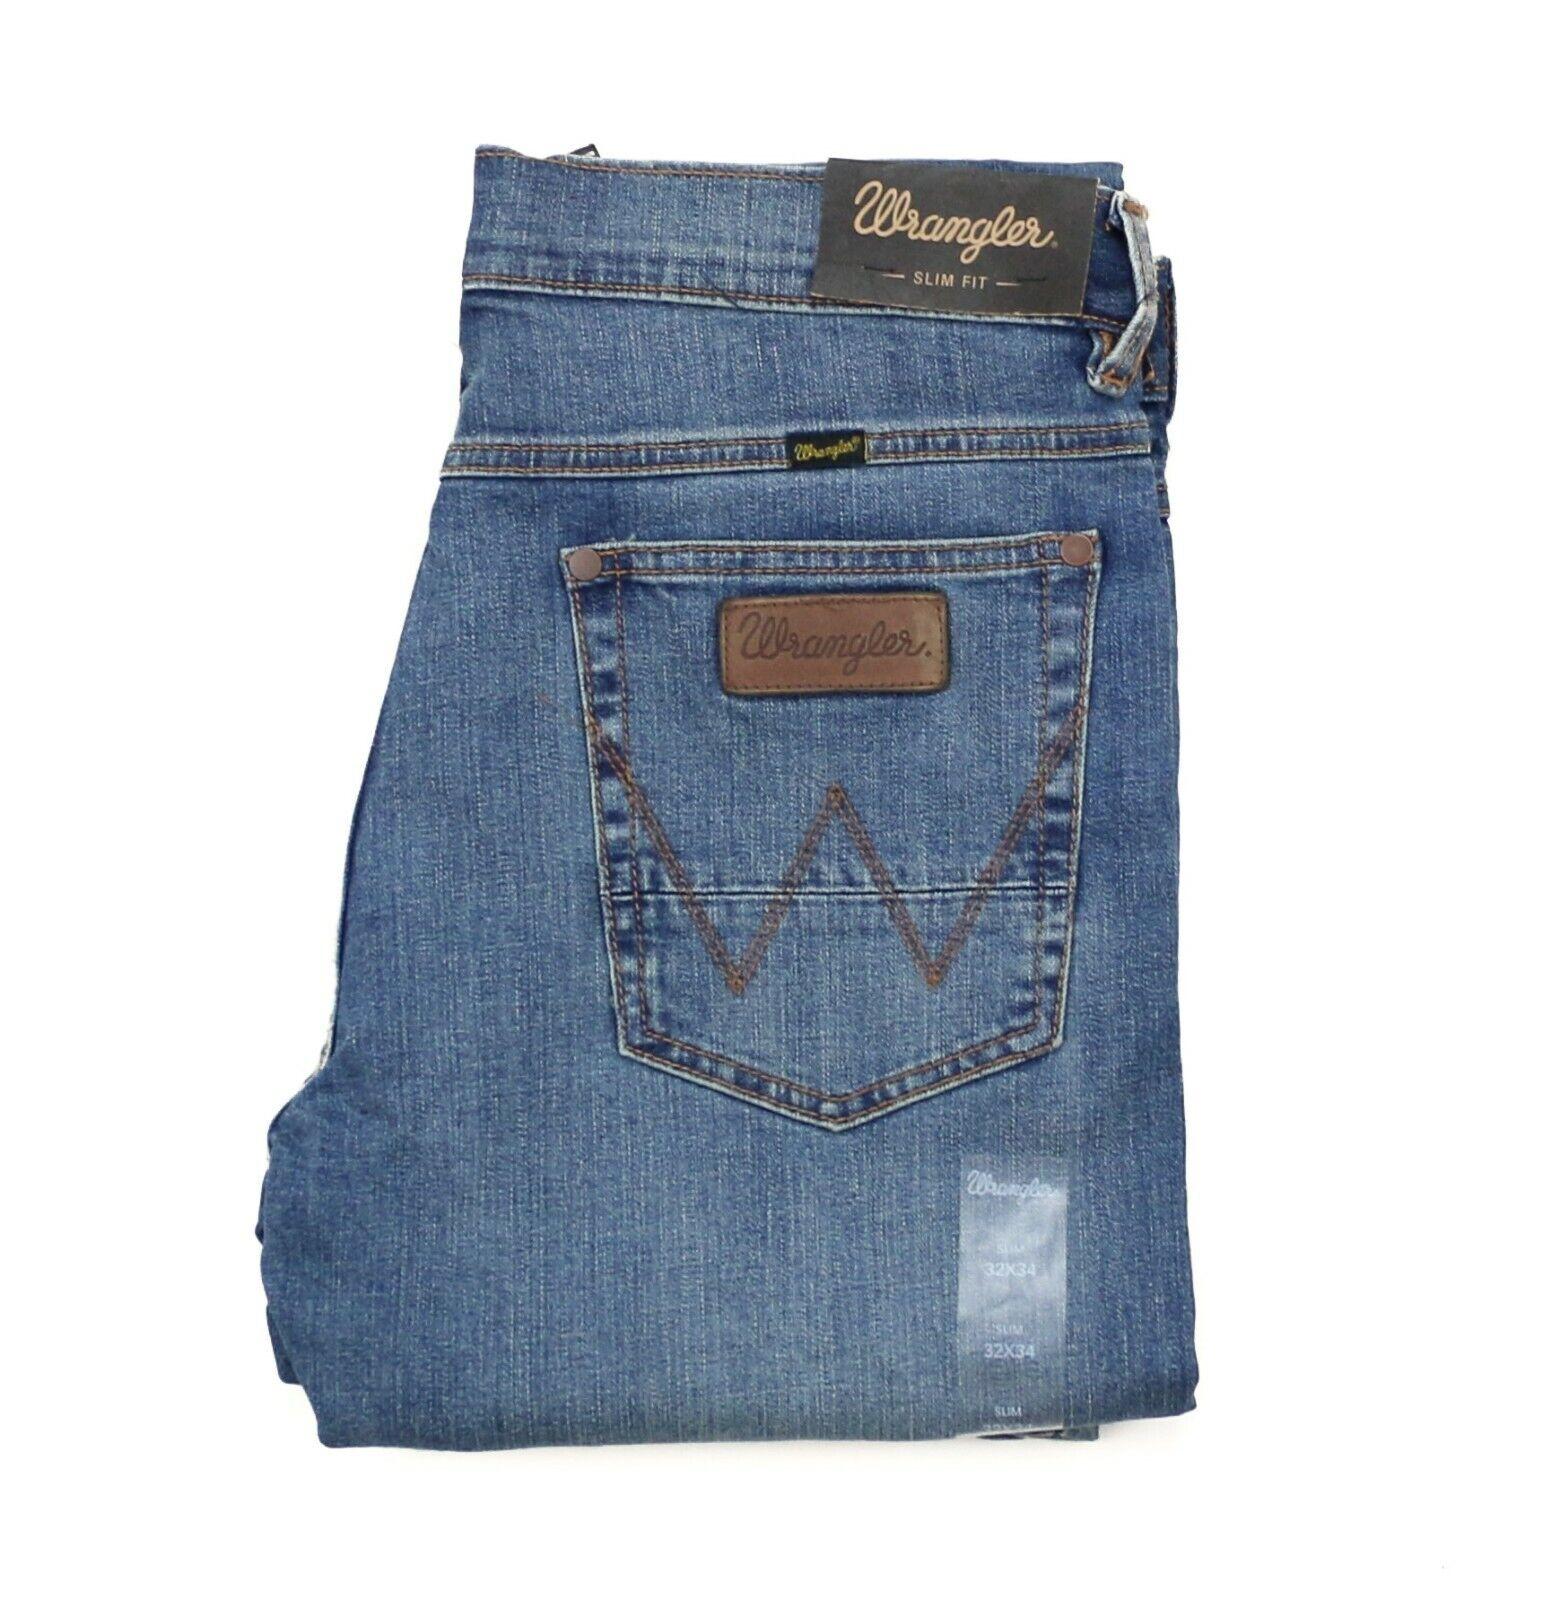 New Wrangler Retro Slim Fit Straight Leg Jeans Men's Sizes